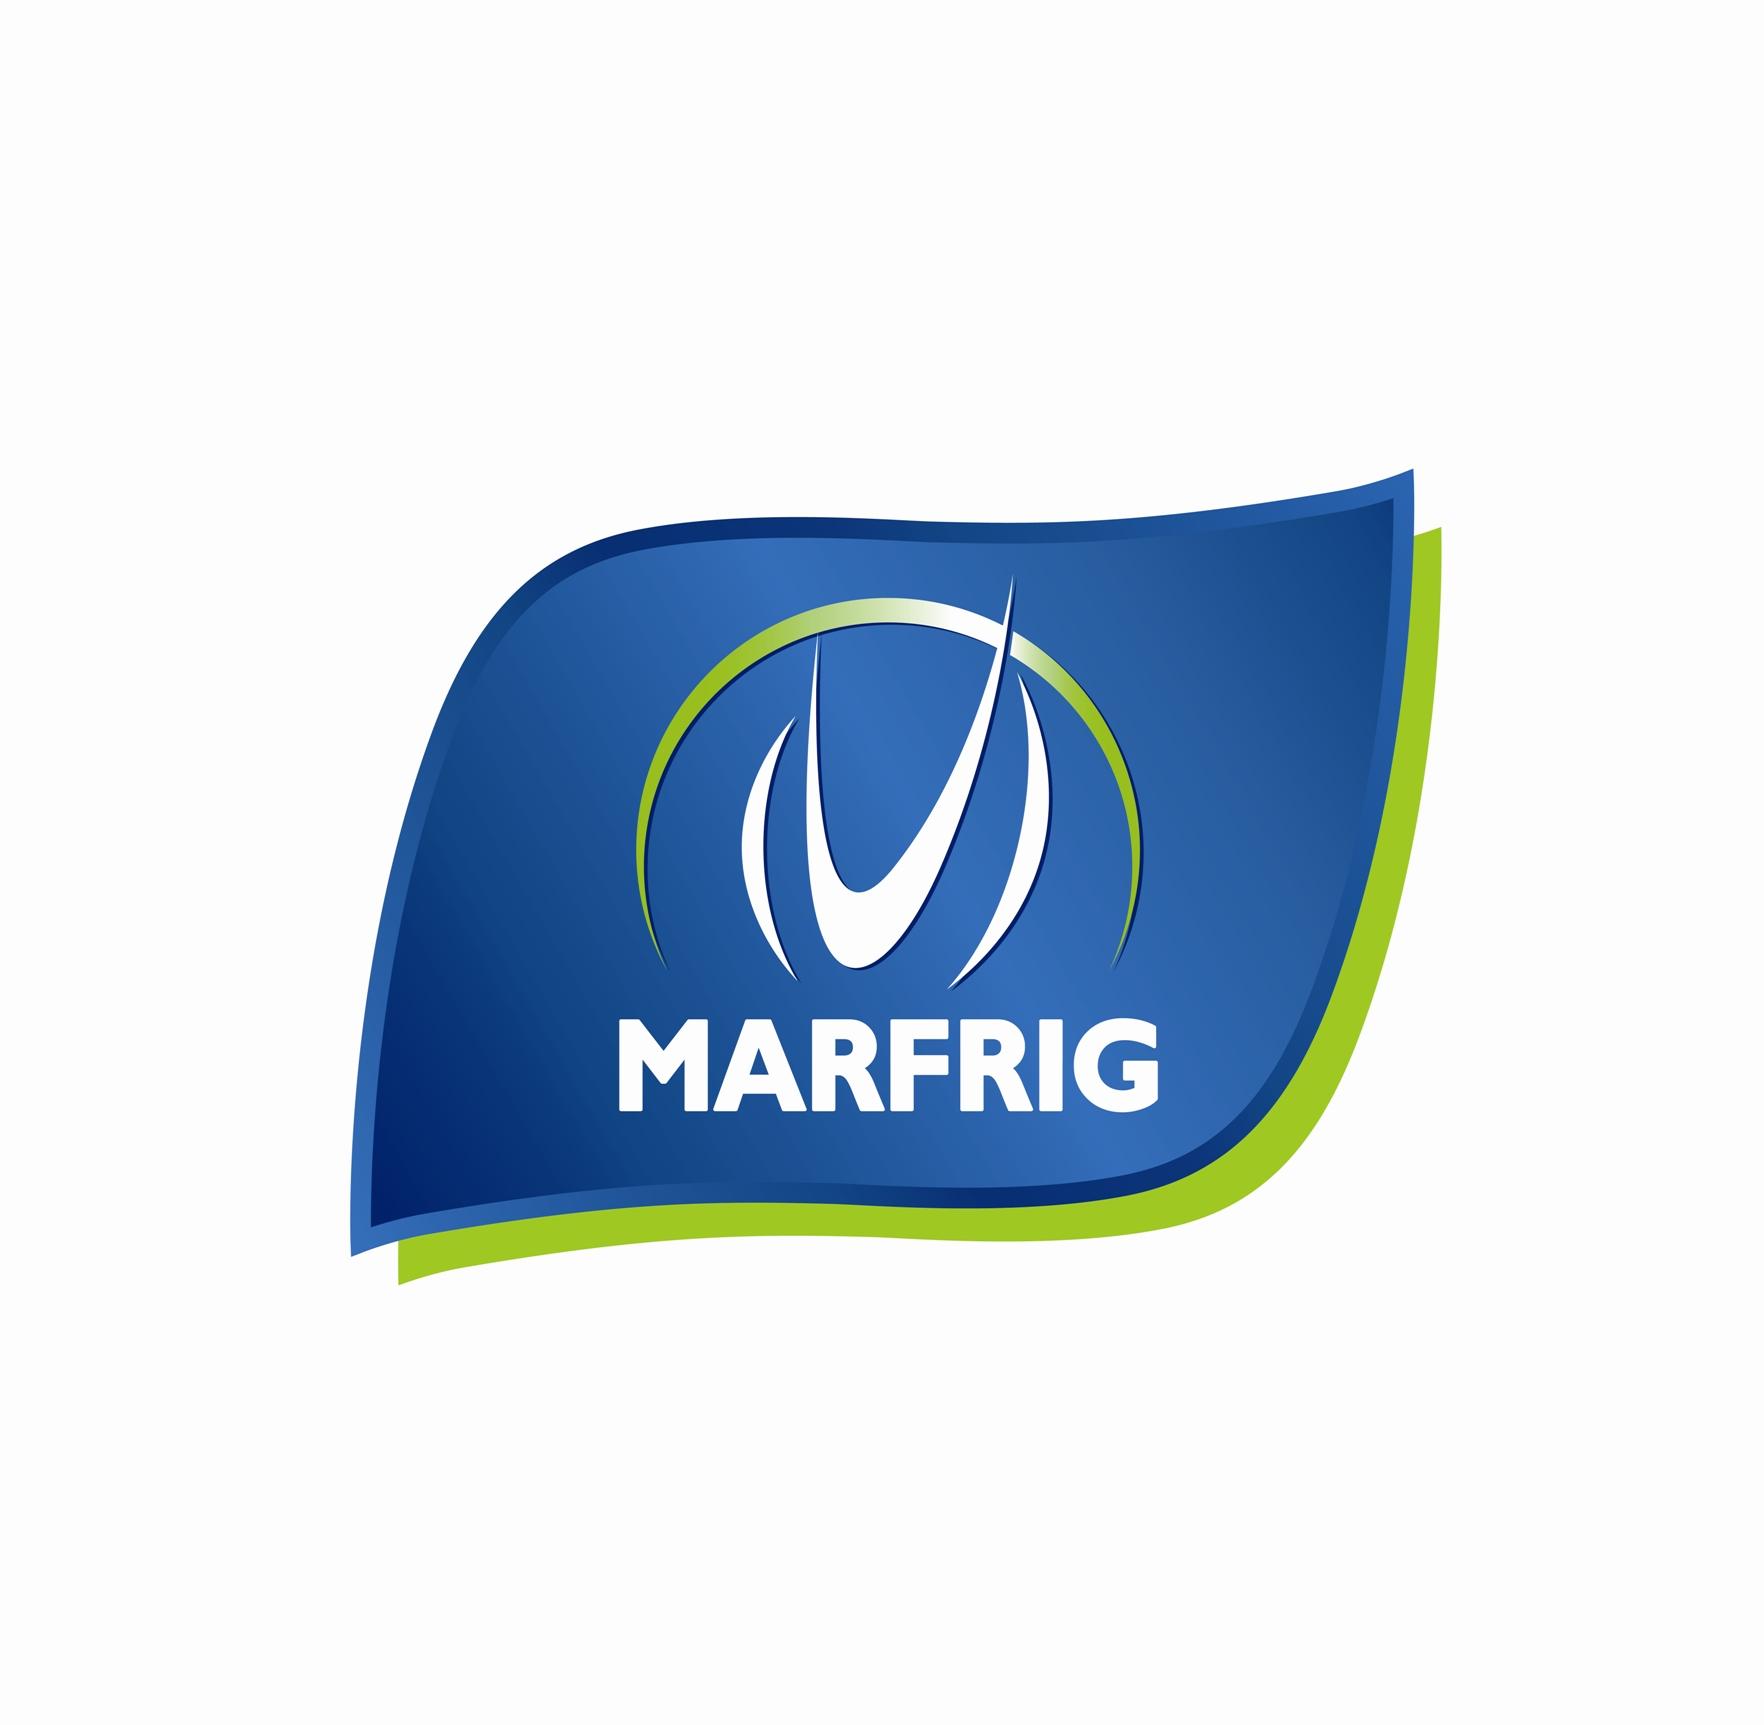 LOGO_Marfrig Global Foods SA.jpg